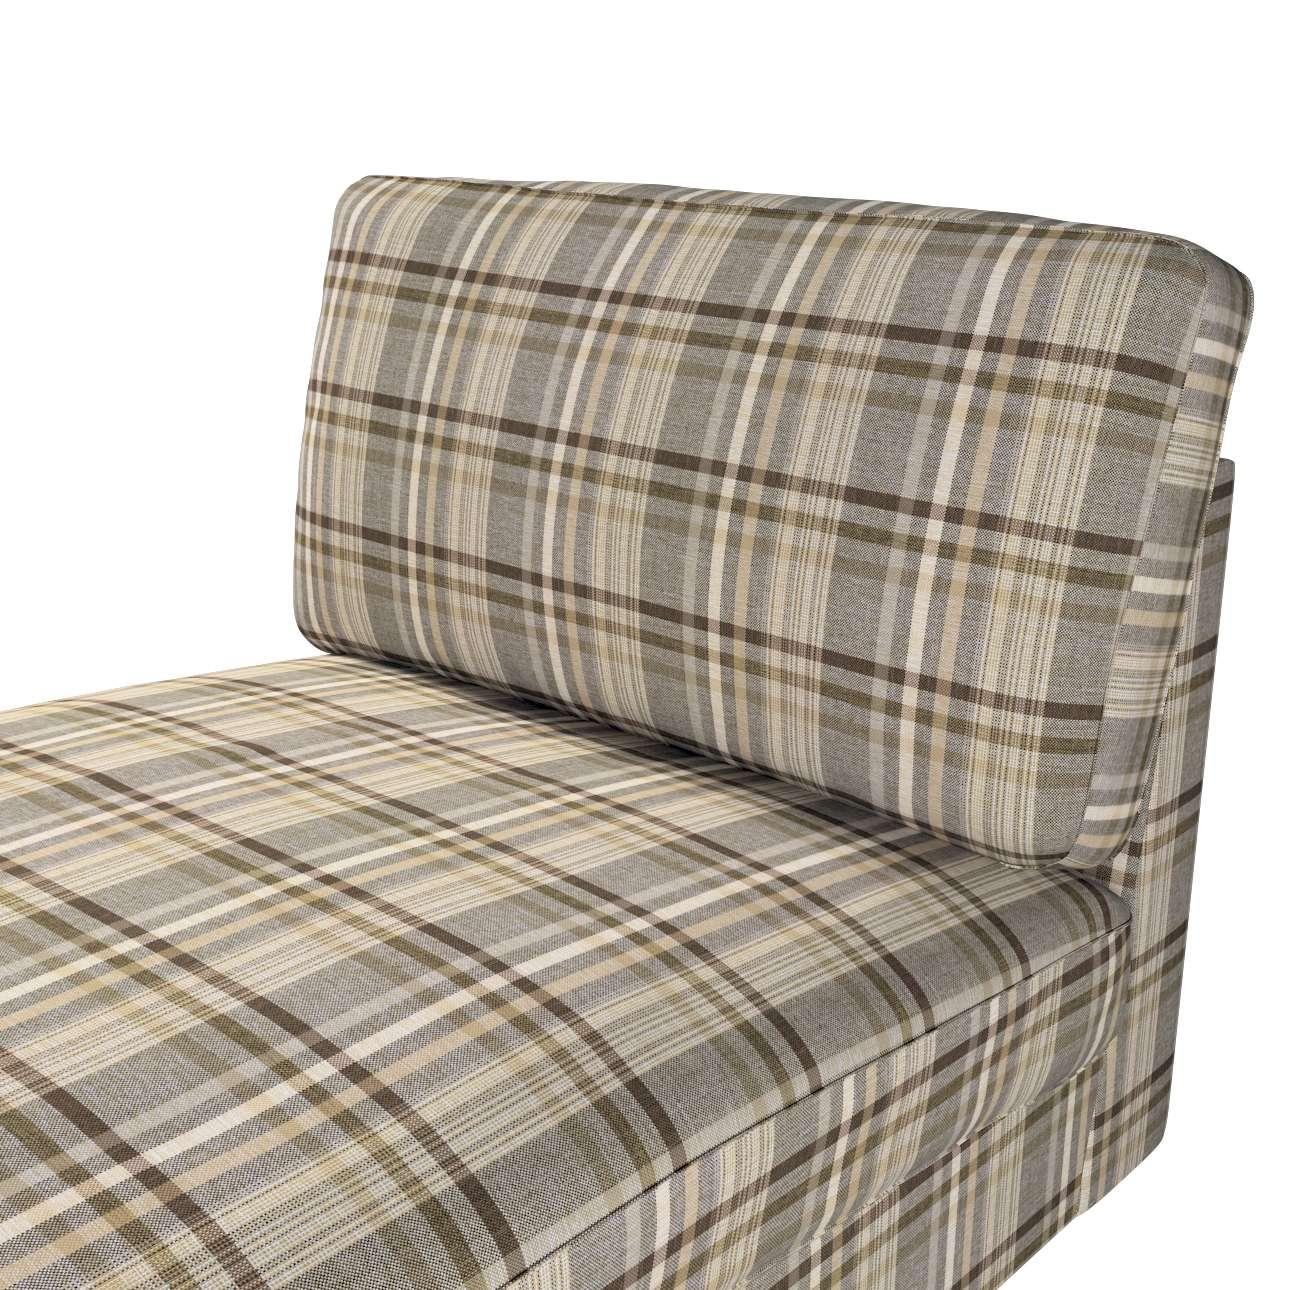 Pokrowiec na szezlong Kivik w kolekcji Edinburgh, tkanina: 703-17